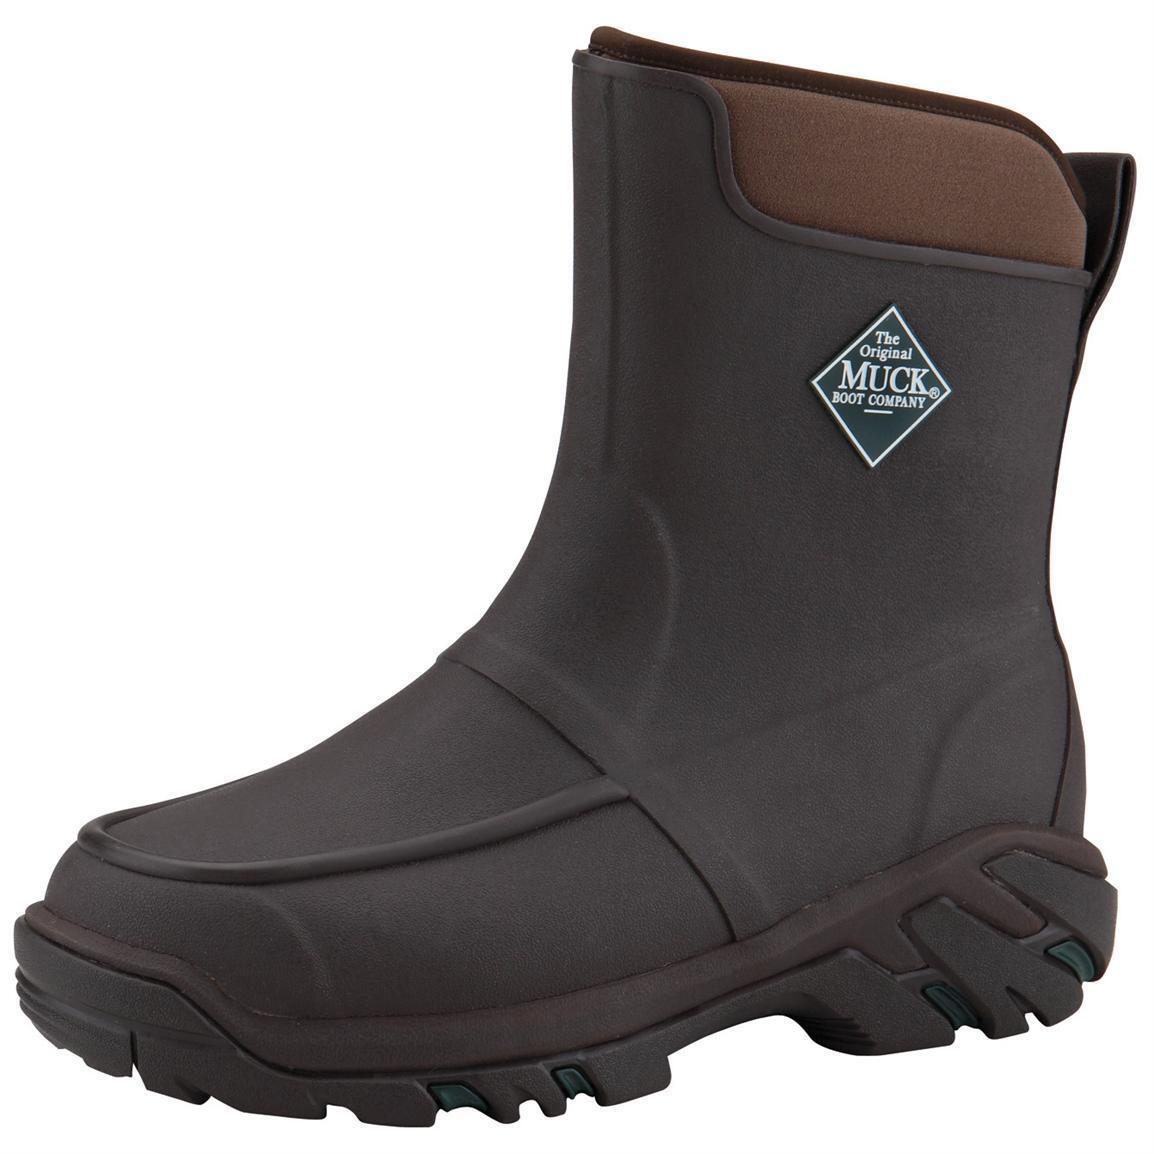 Cabela's Para hombres Muck bota Company Uplander Hg Impermeable Caza botas